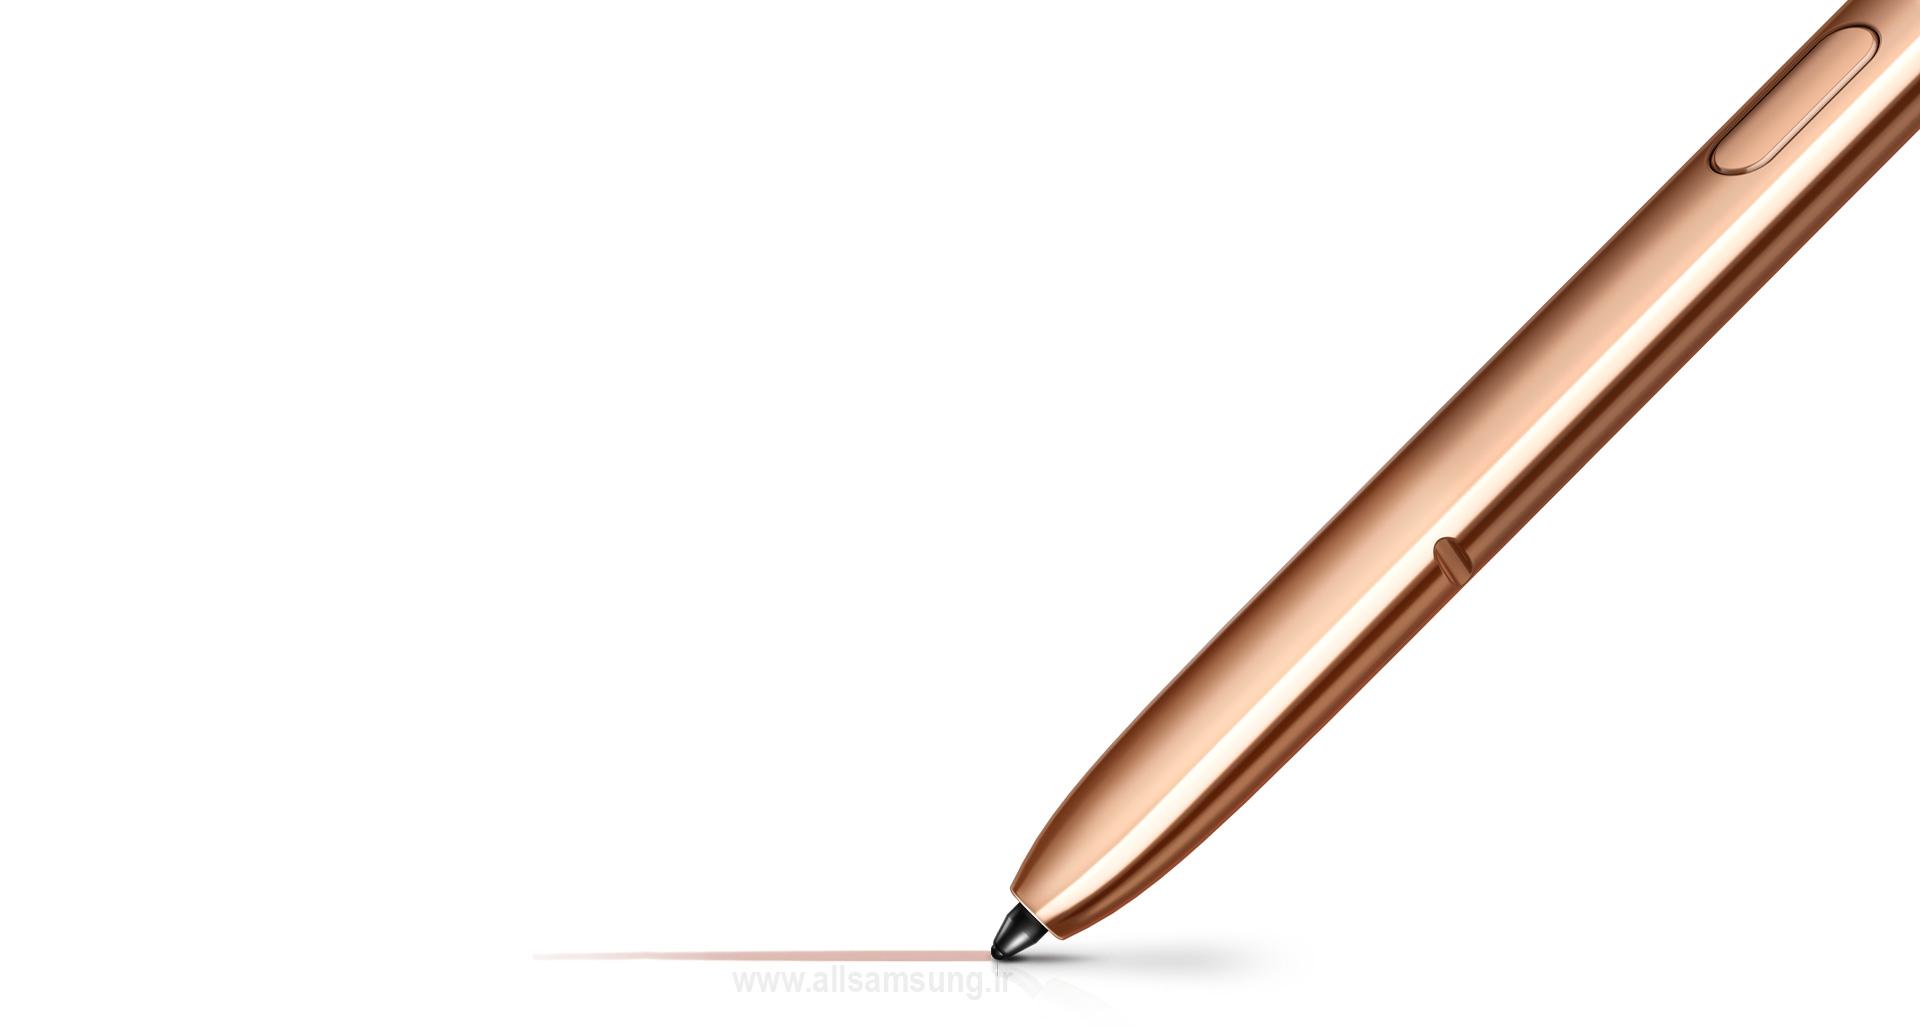 قدرت واقعی قلم ارتقا یافته S Pen سری نوت 20 سامسونگ